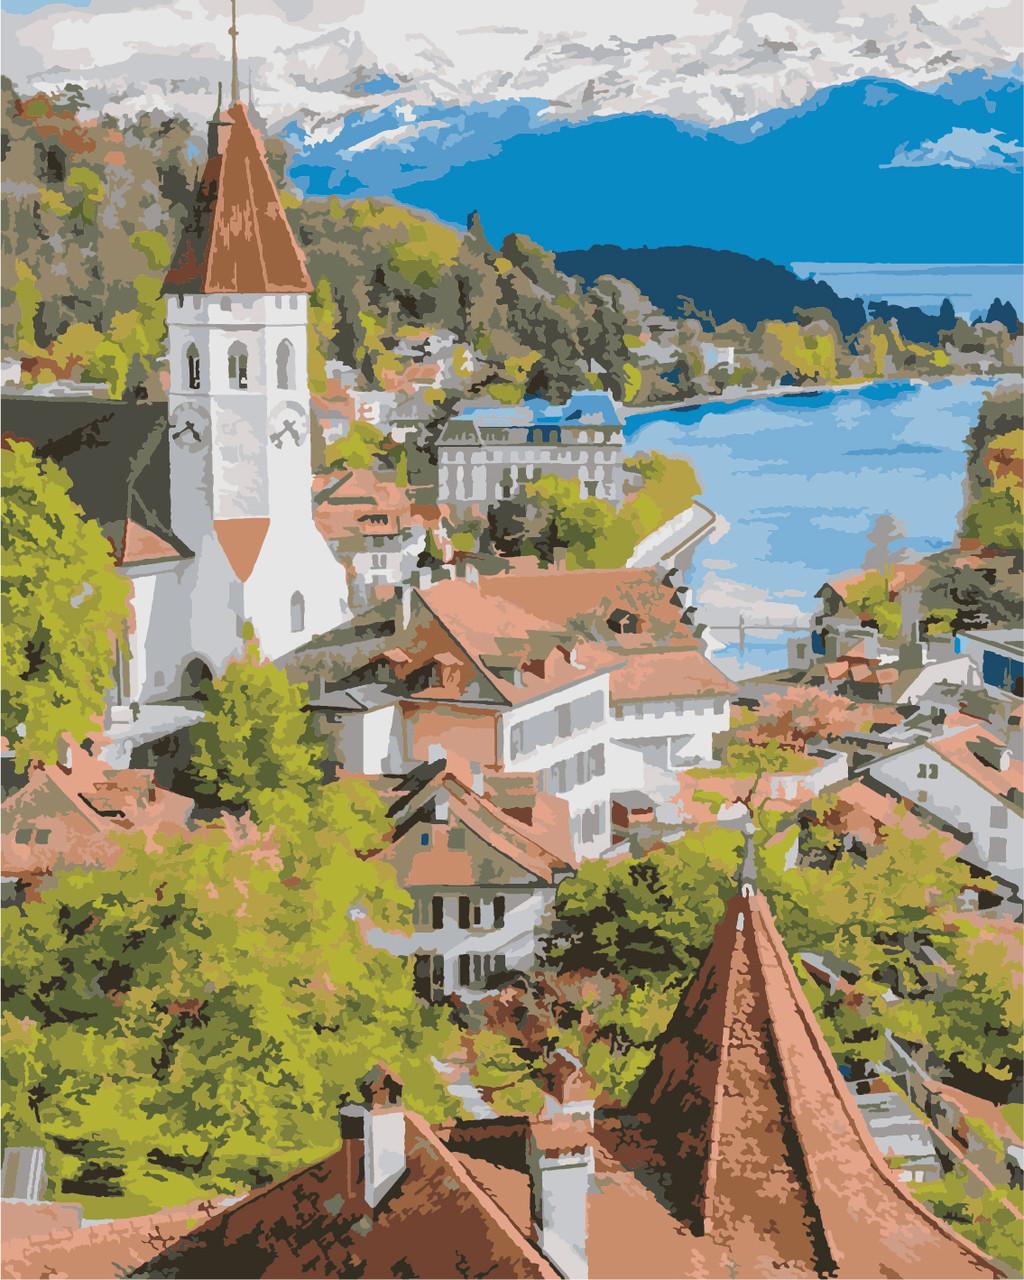 AS0862 Набор для рисования по номерам Швейцарский город, В картонной коробке